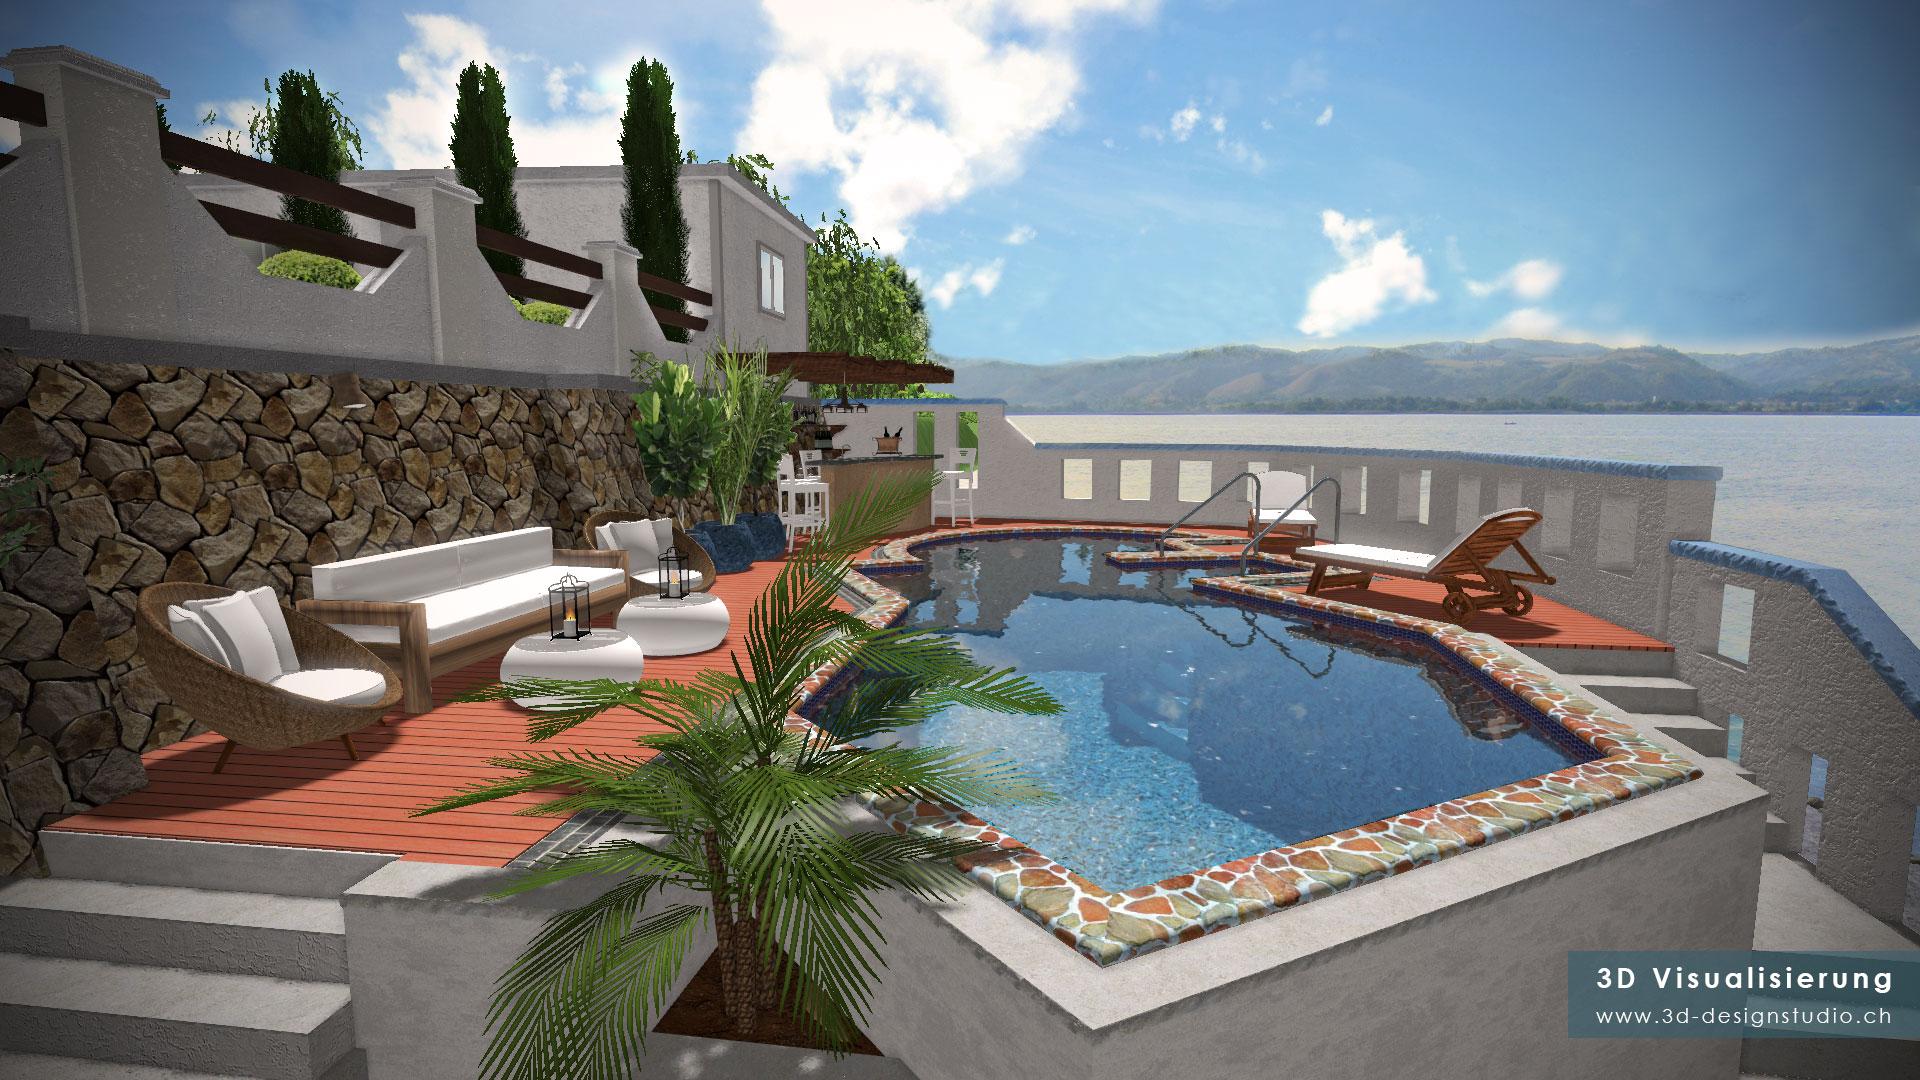 Aussenvisualisierung: Haus-Garten-Pool | 3D Design Vujic